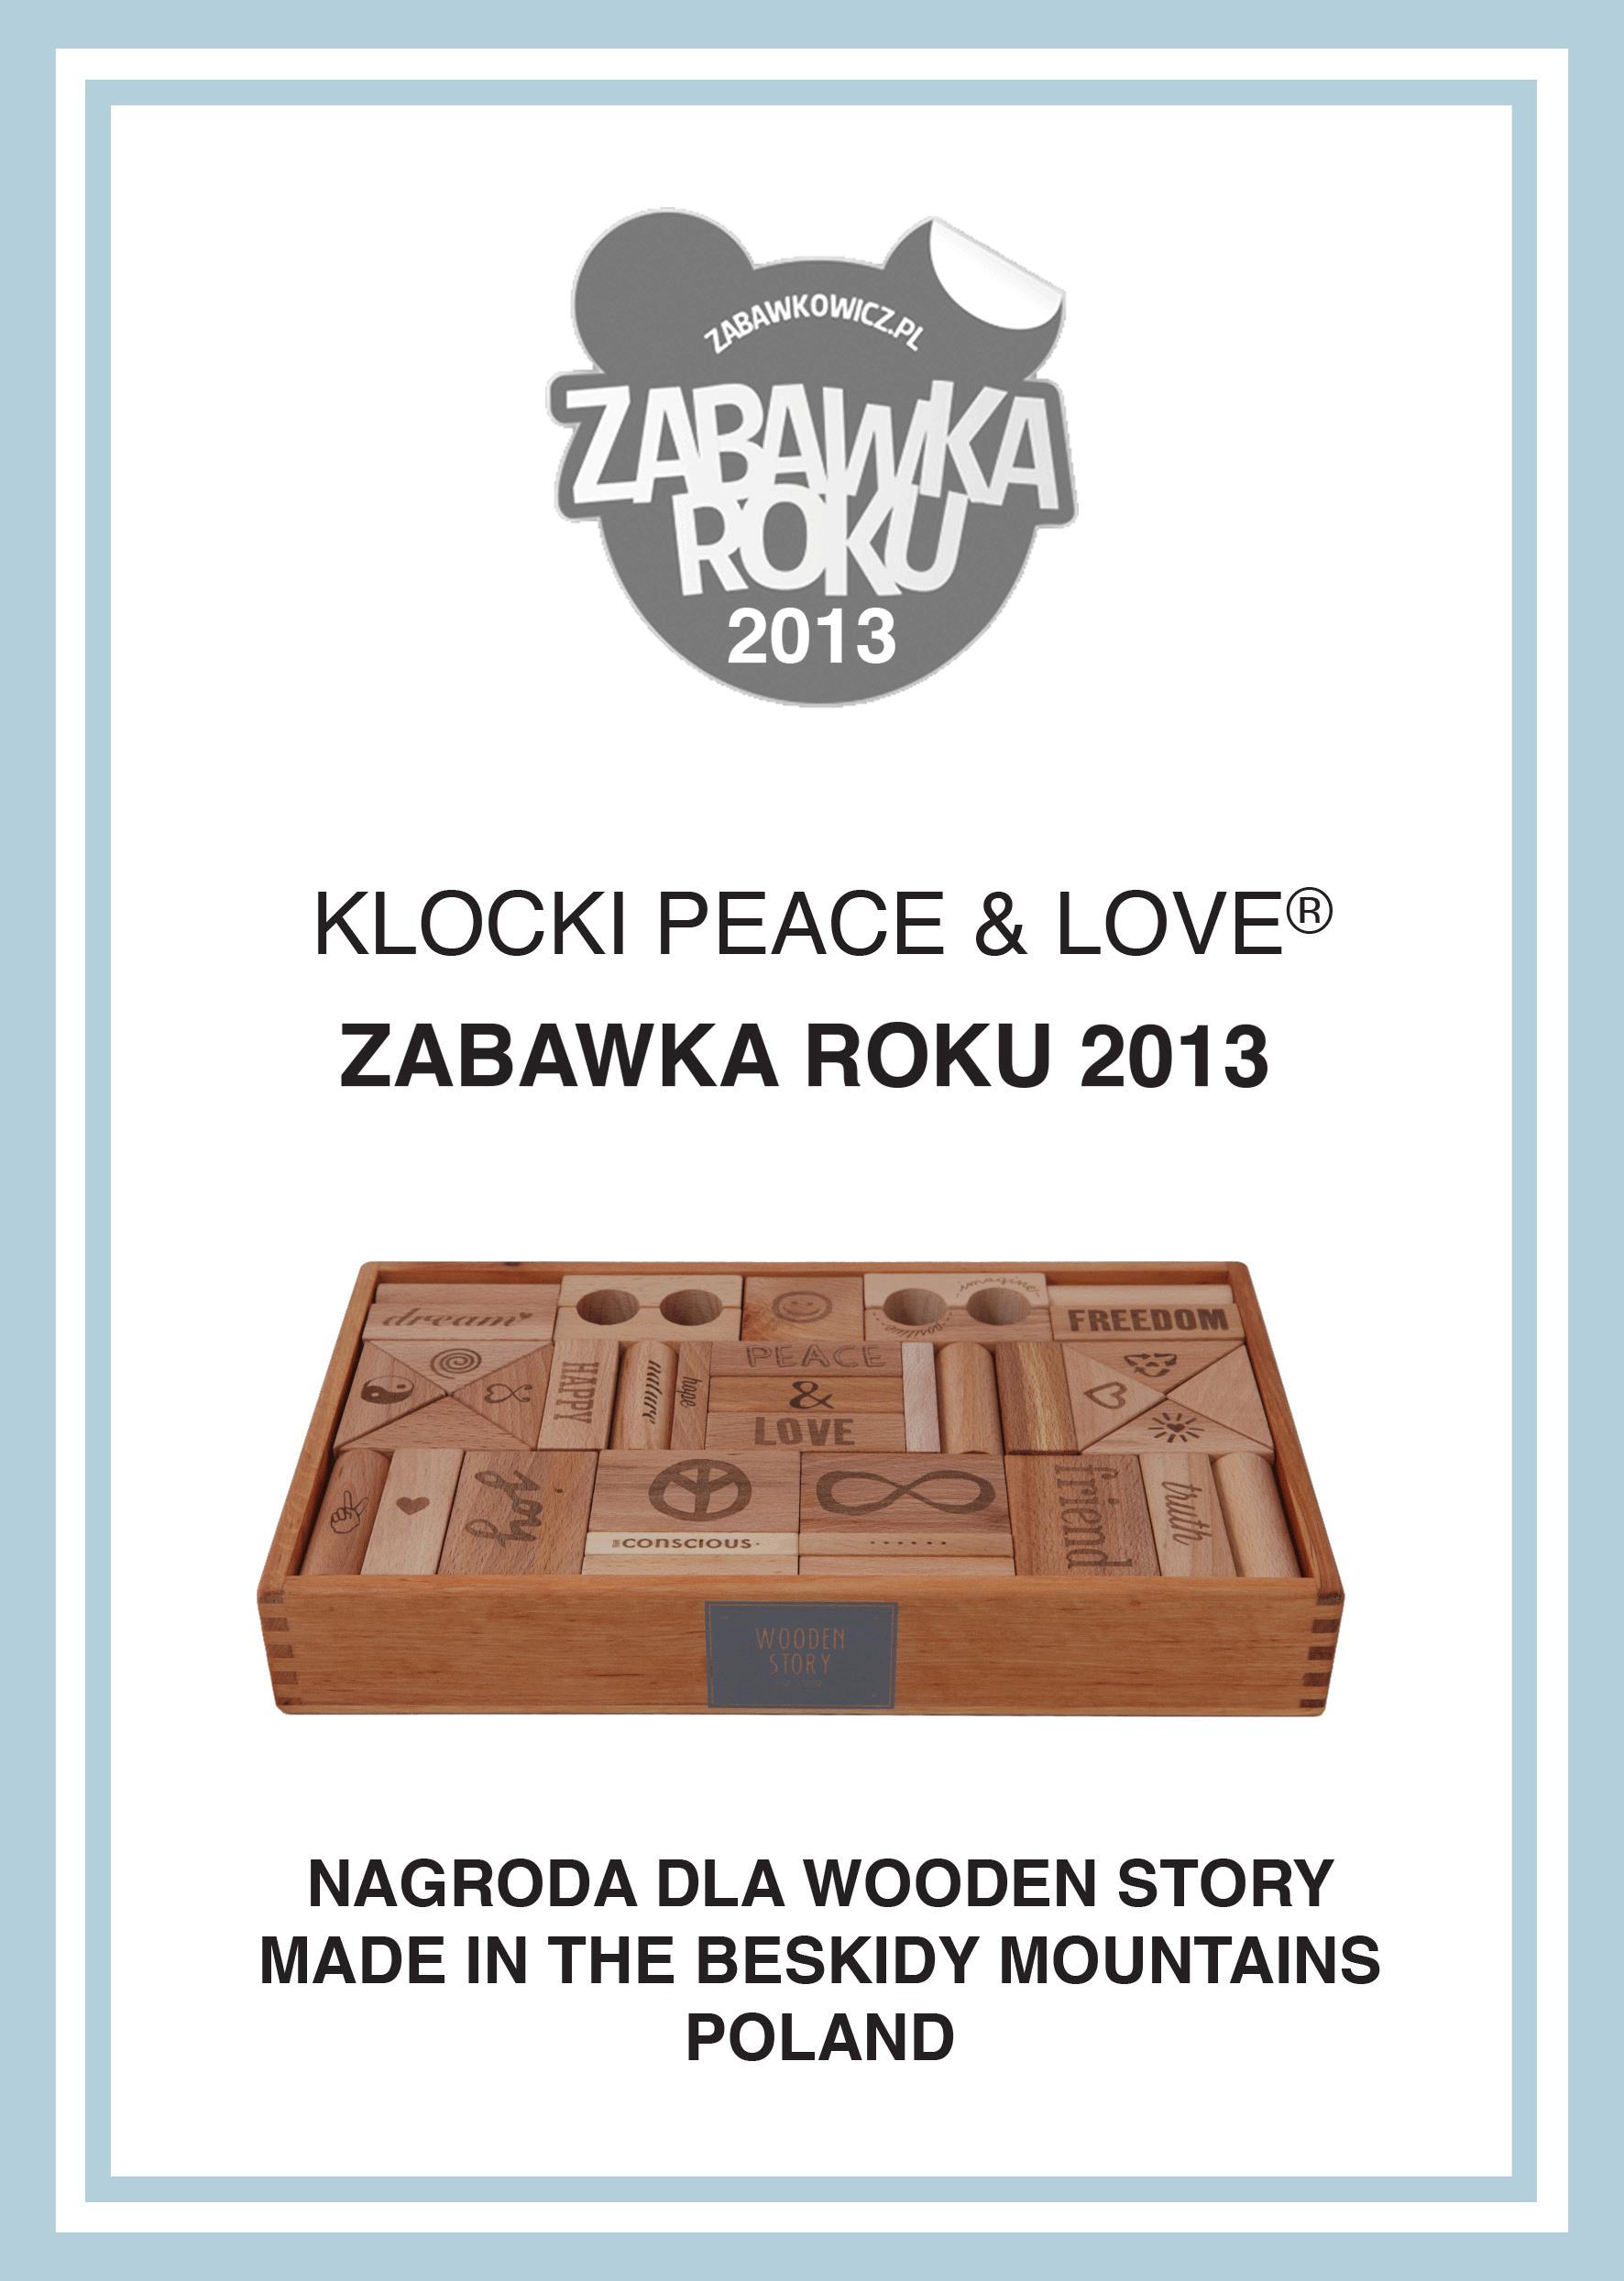 zabawkaroku_peace&love_s.png